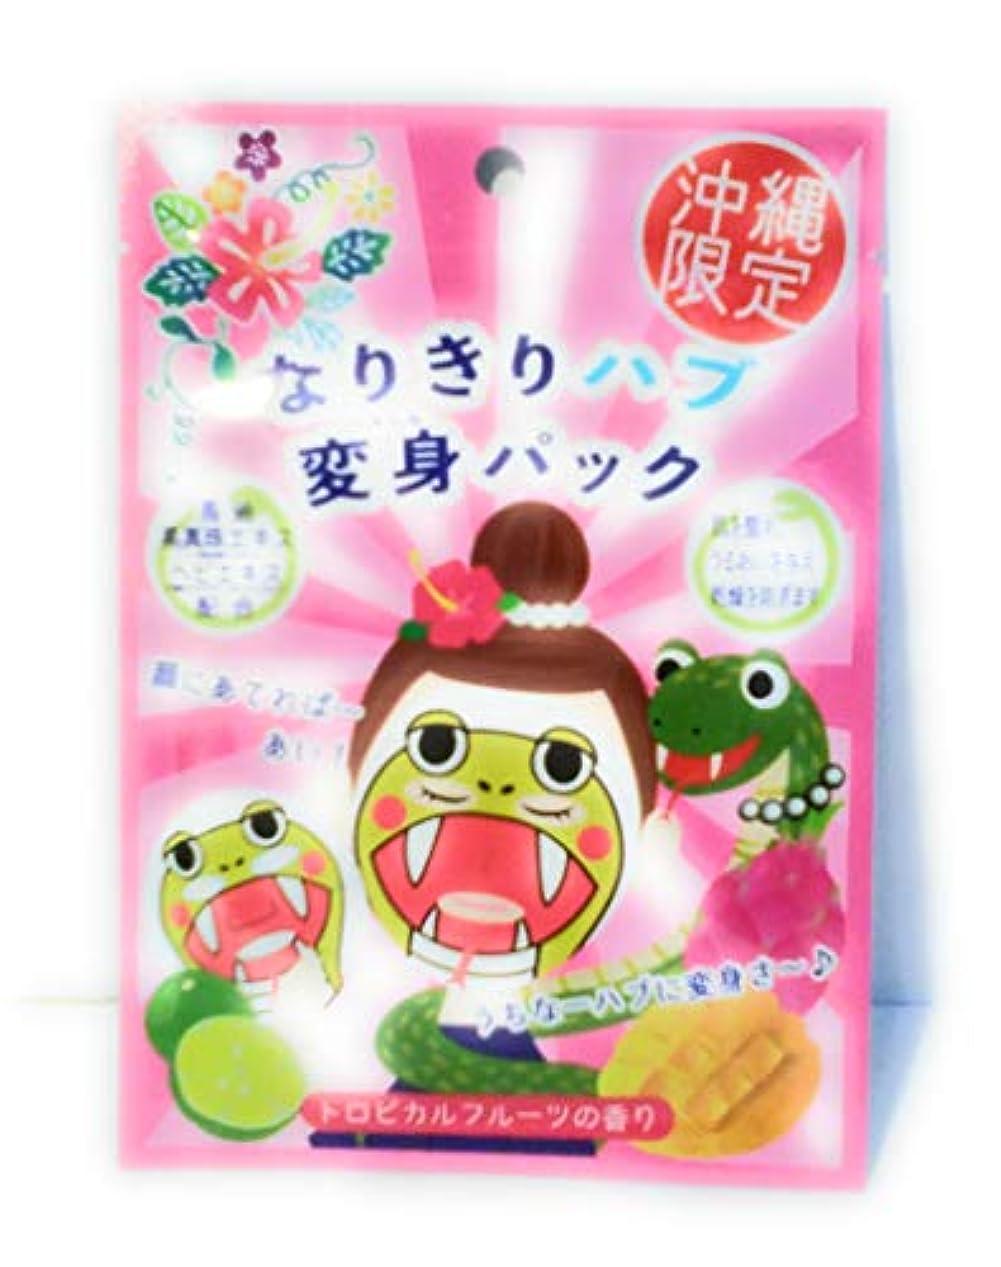 暗黙プライバシー爵沖縄限定 なりきりハブ変身パック トロピカルフルーツの香り